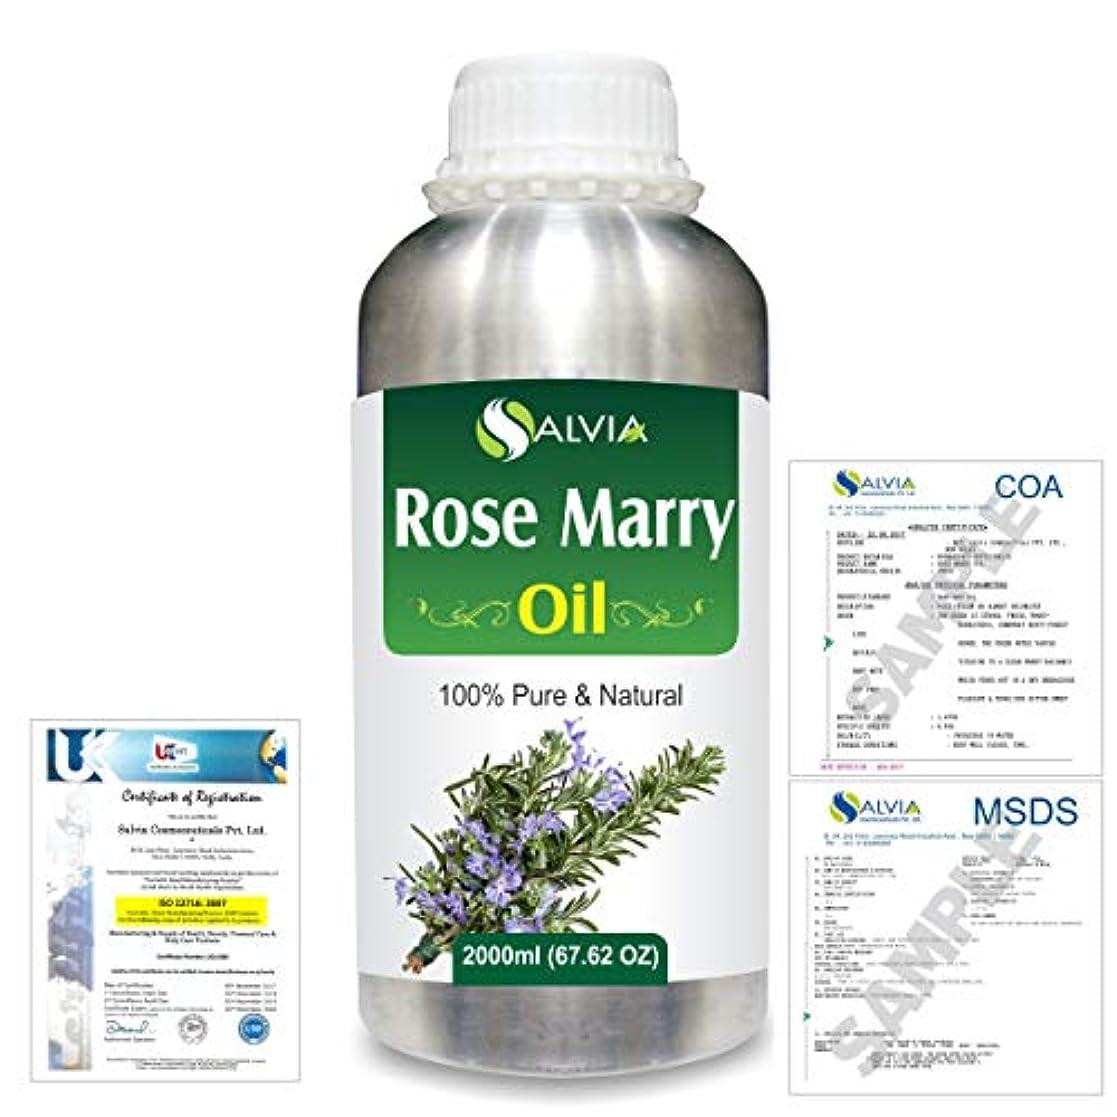 ヘリコプター私たち自身エミュレートするRose Marry (Rosmarinus officinalis) 100% Natural Pure Essential Oil 2000ml/67 fl.oz.